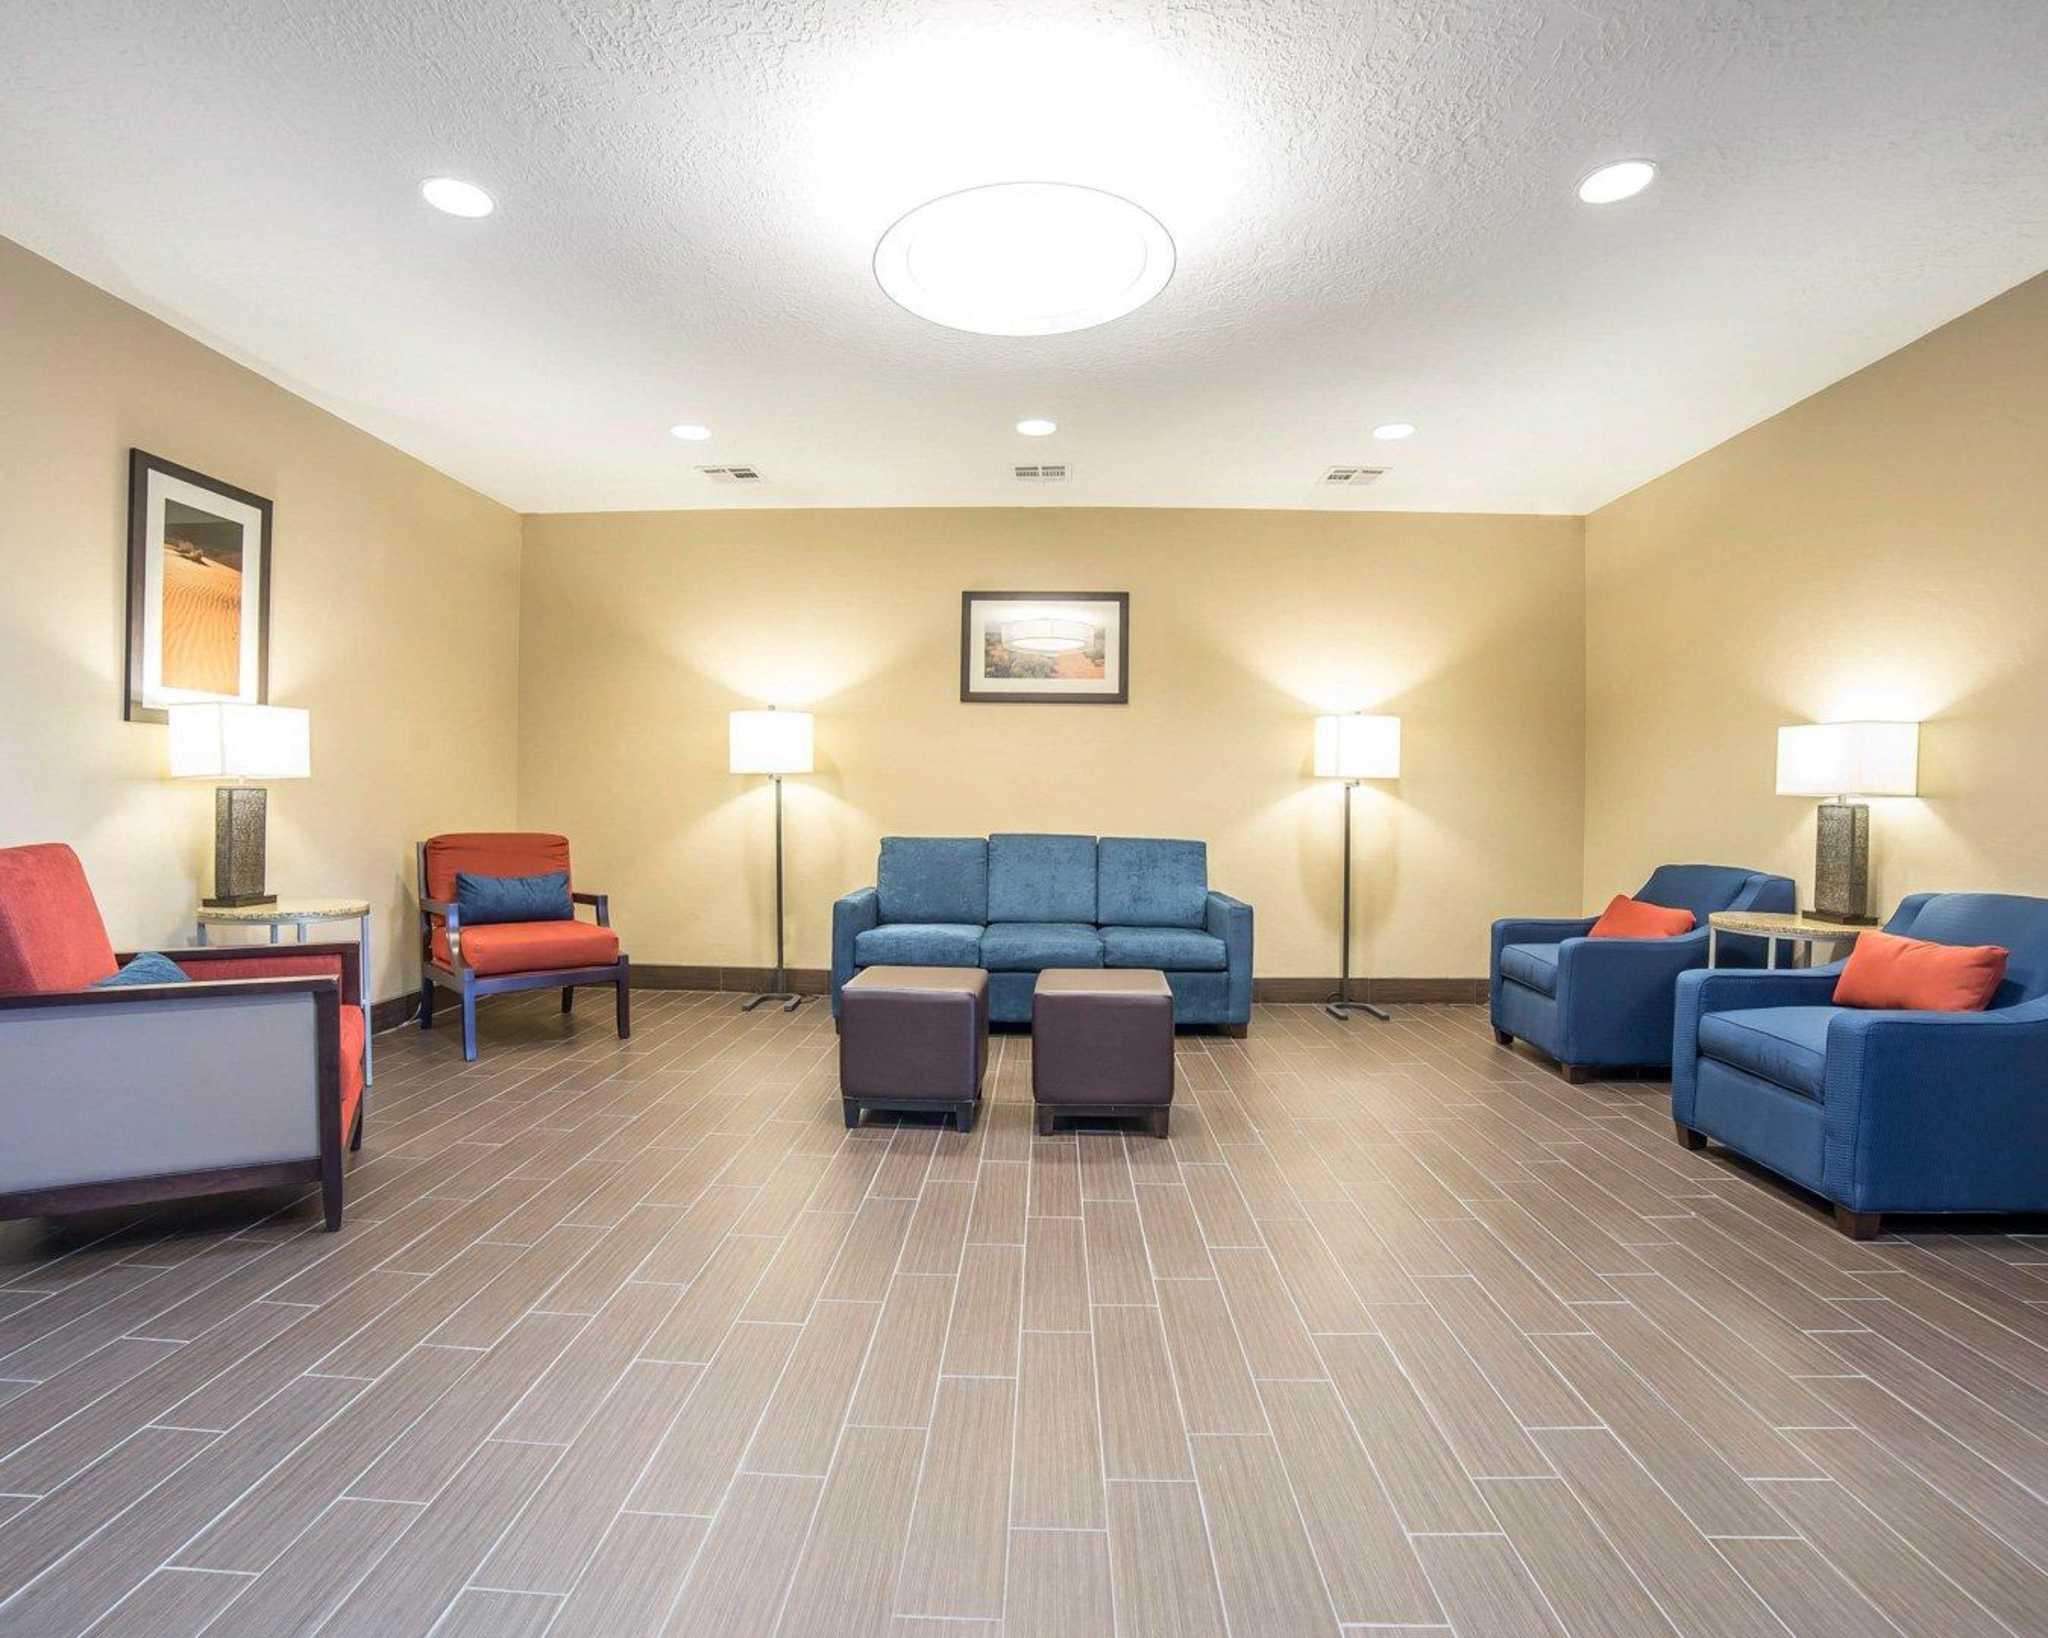 Comfort Inn Saint George North image 11